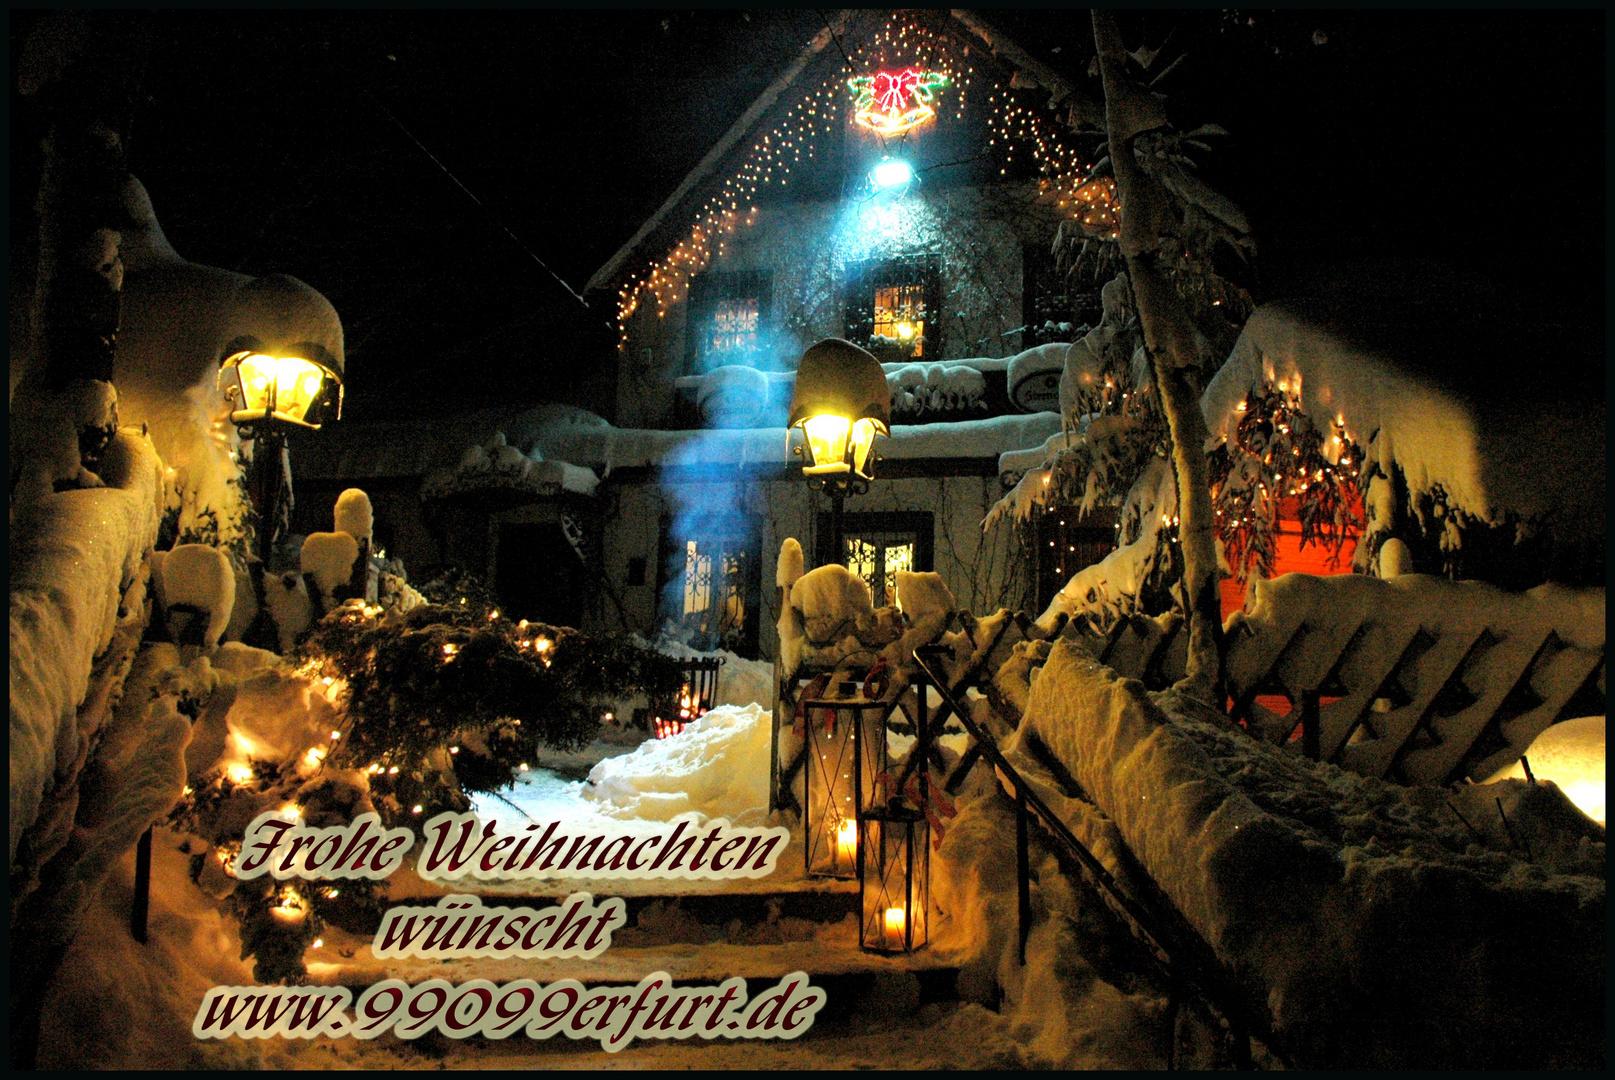 Weihnachten in Deutschland Foto & Bild | gratulation und feiertage ...